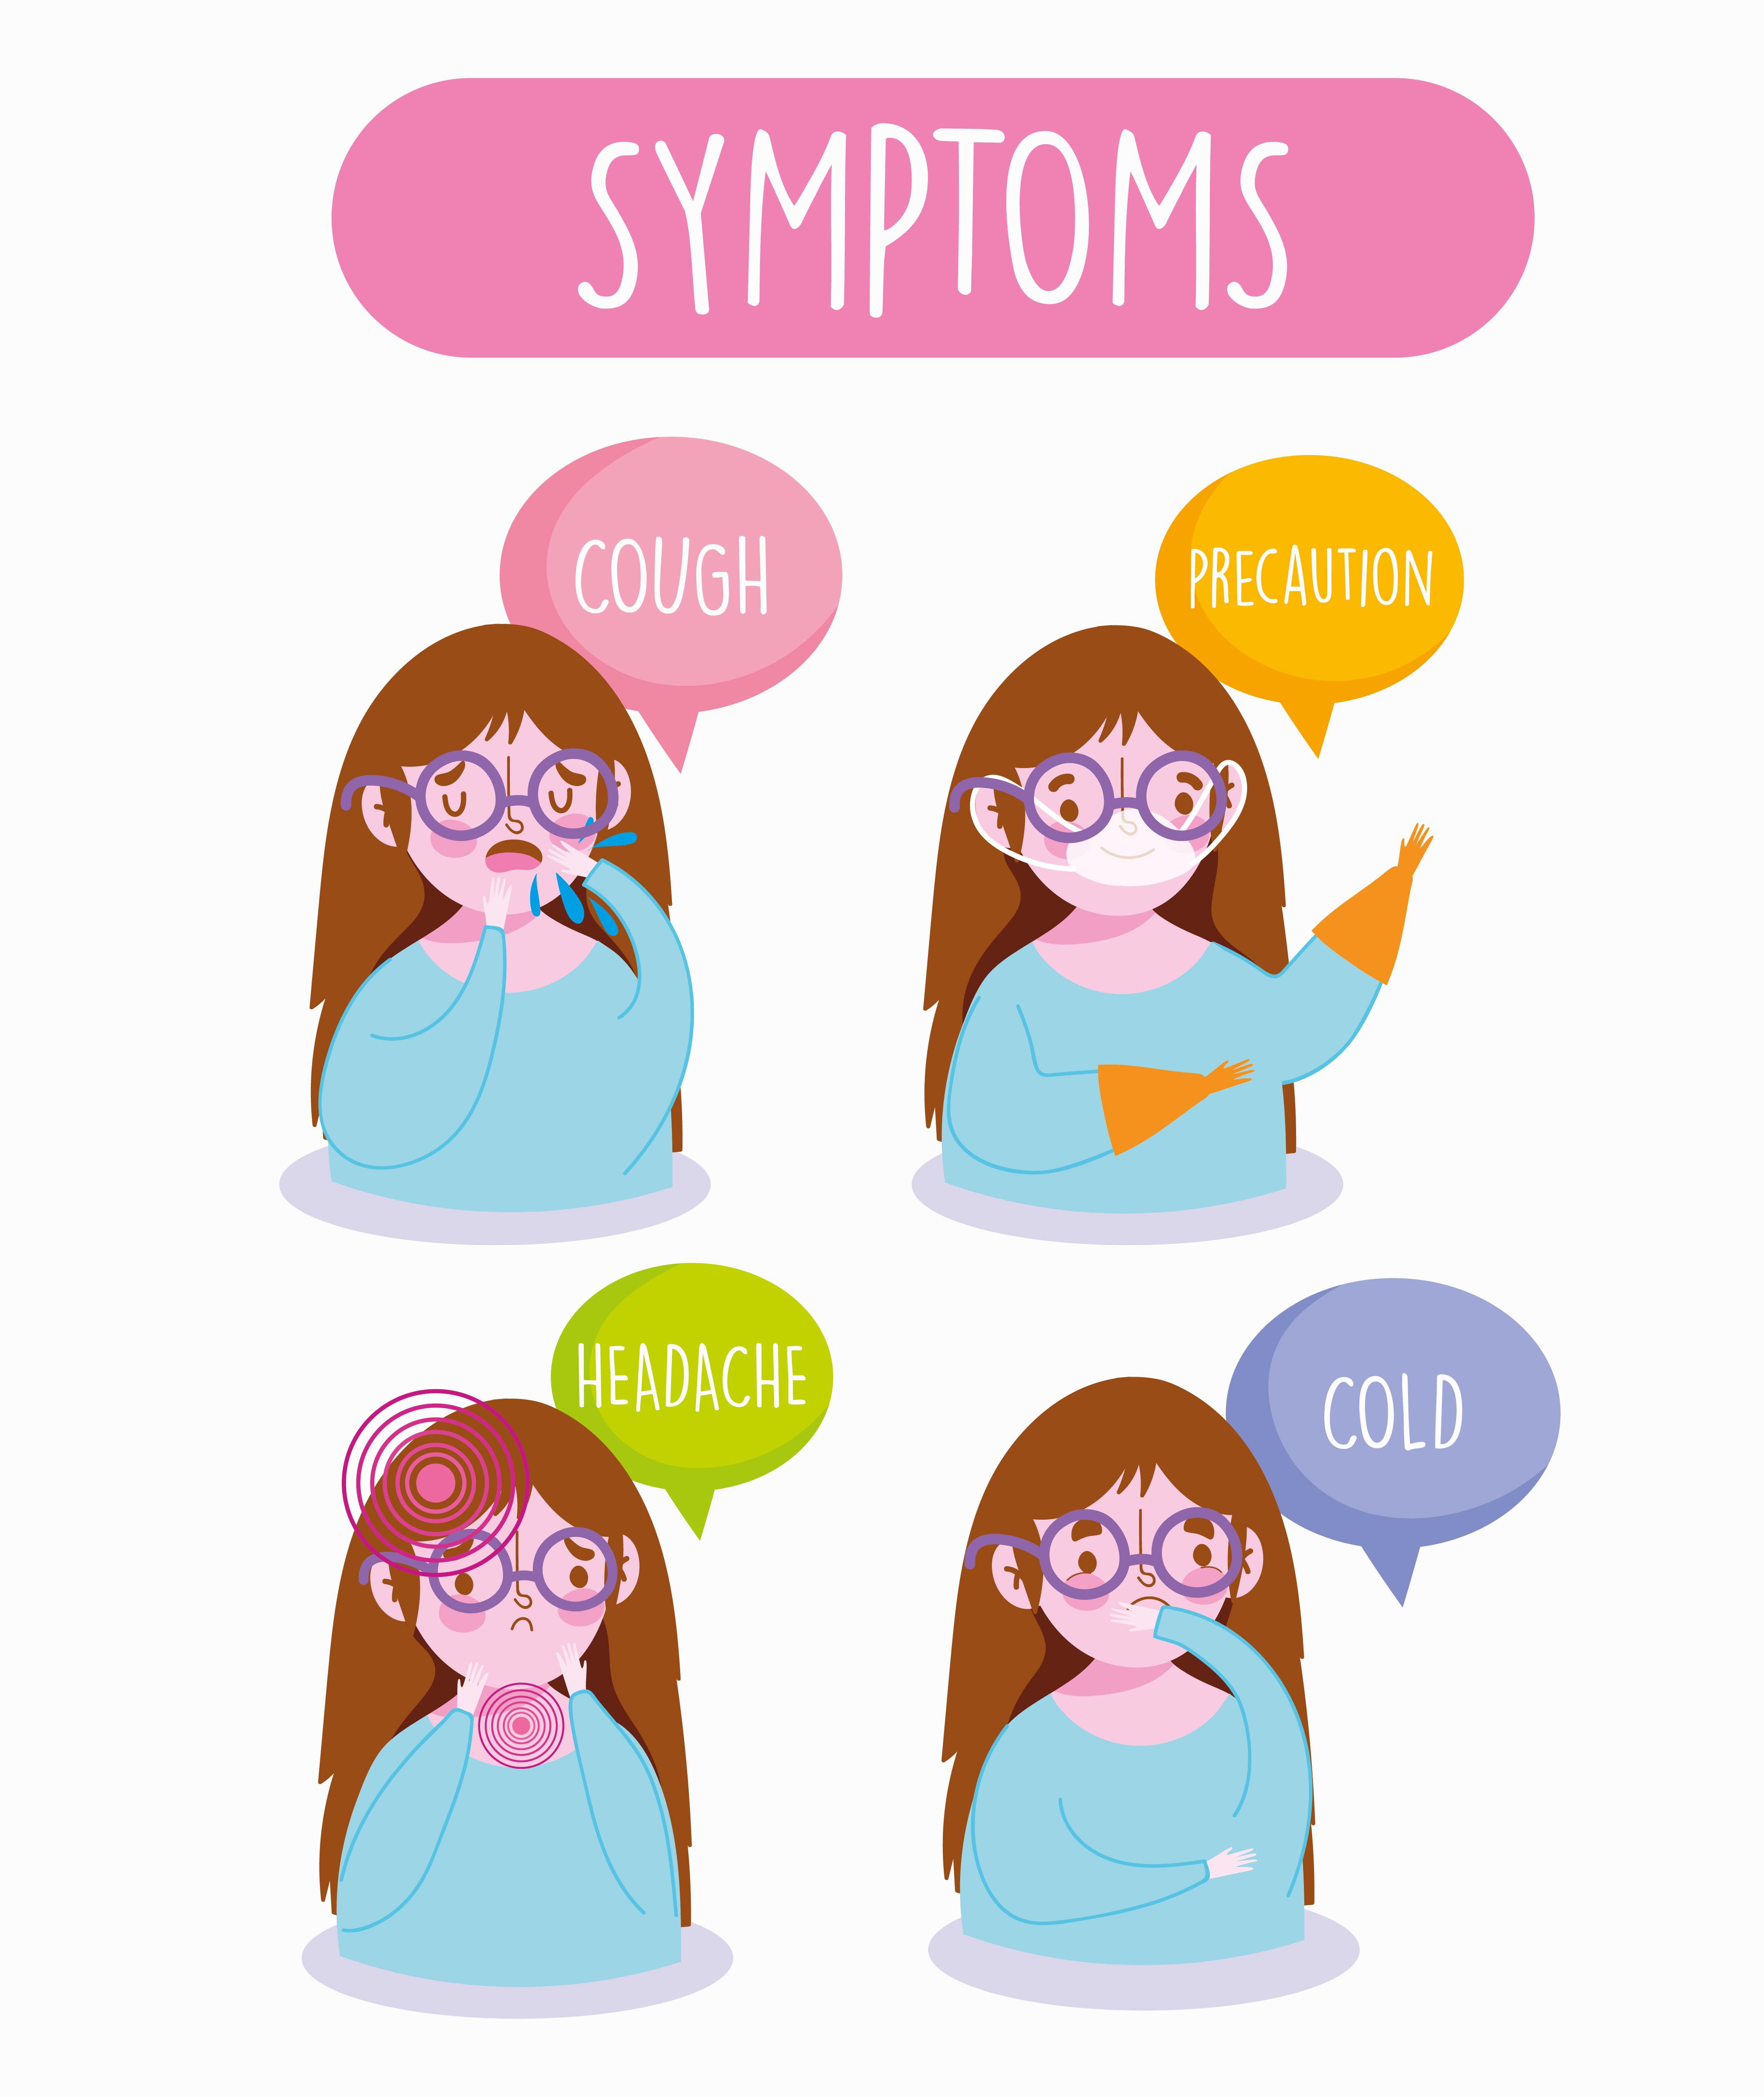 jeune fille sur l'infographie des symptômes du coronavirus